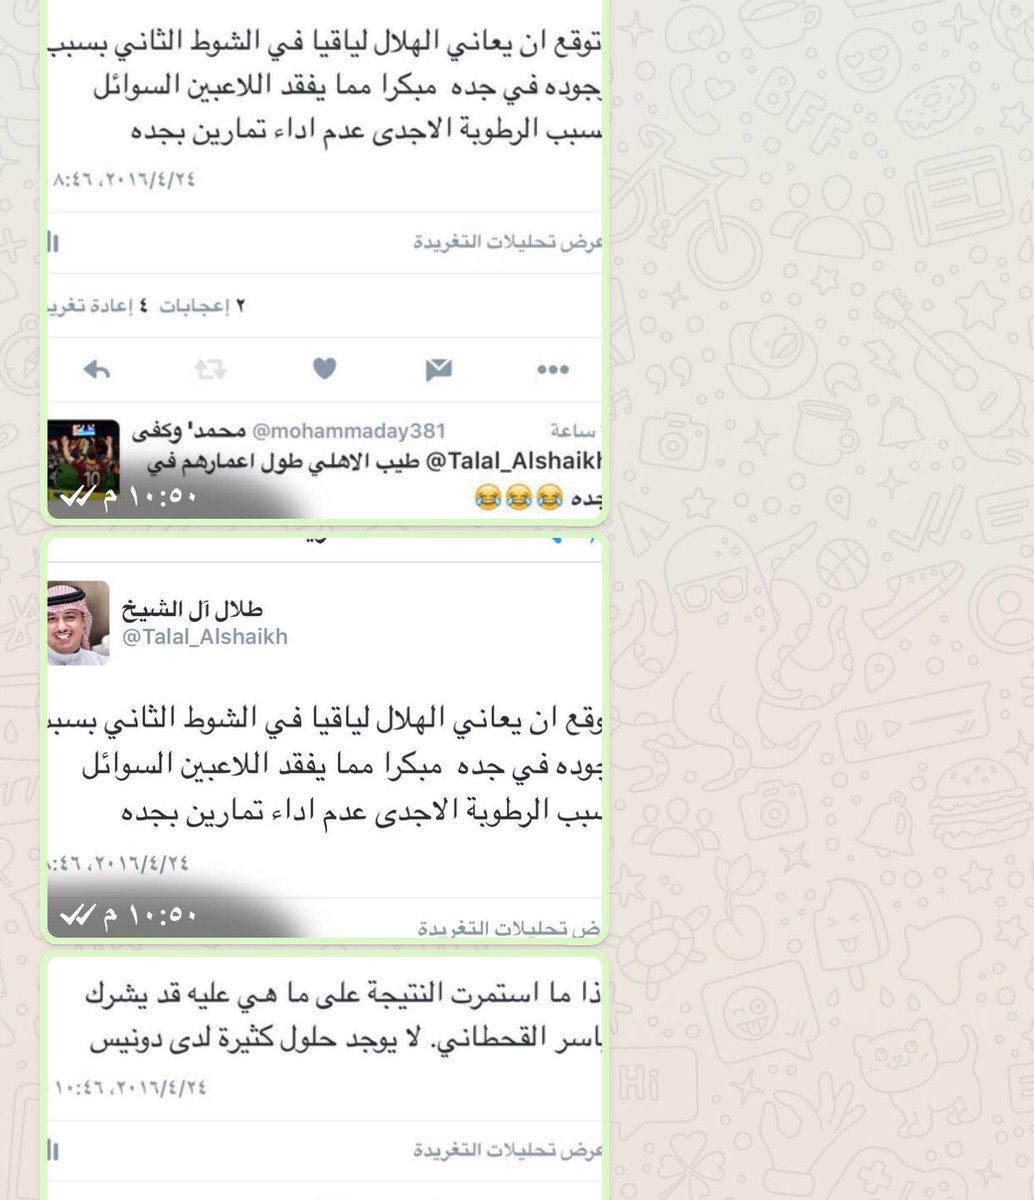 الف مبروك لادارة ولاعبي وجمهور الاهلي ال...